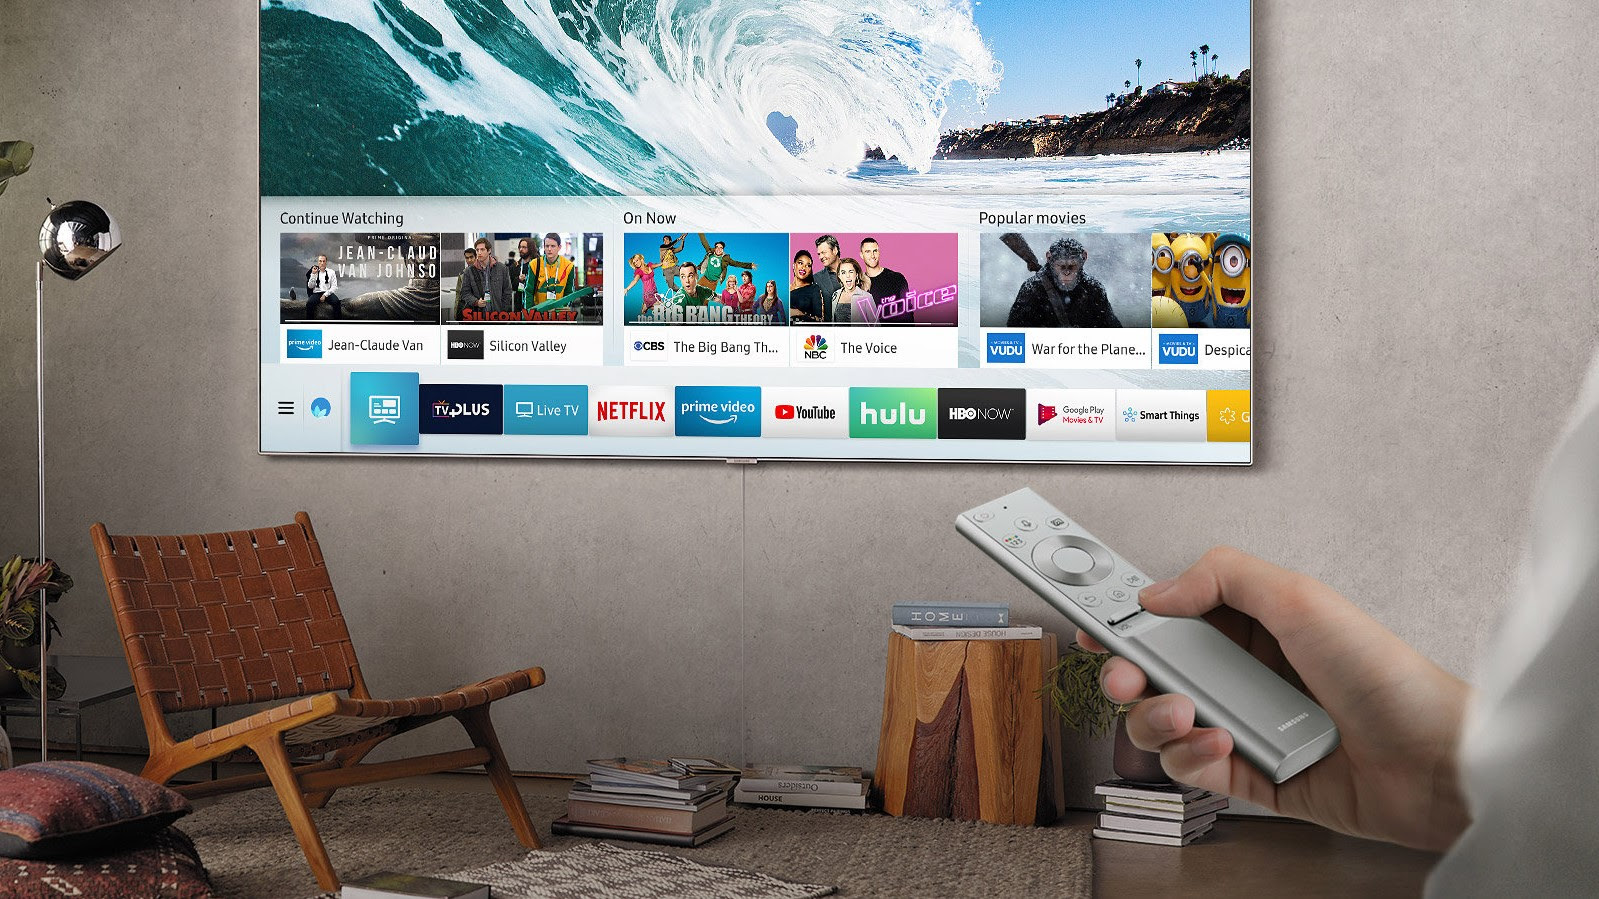 Best Smart TV 2018: Tizen